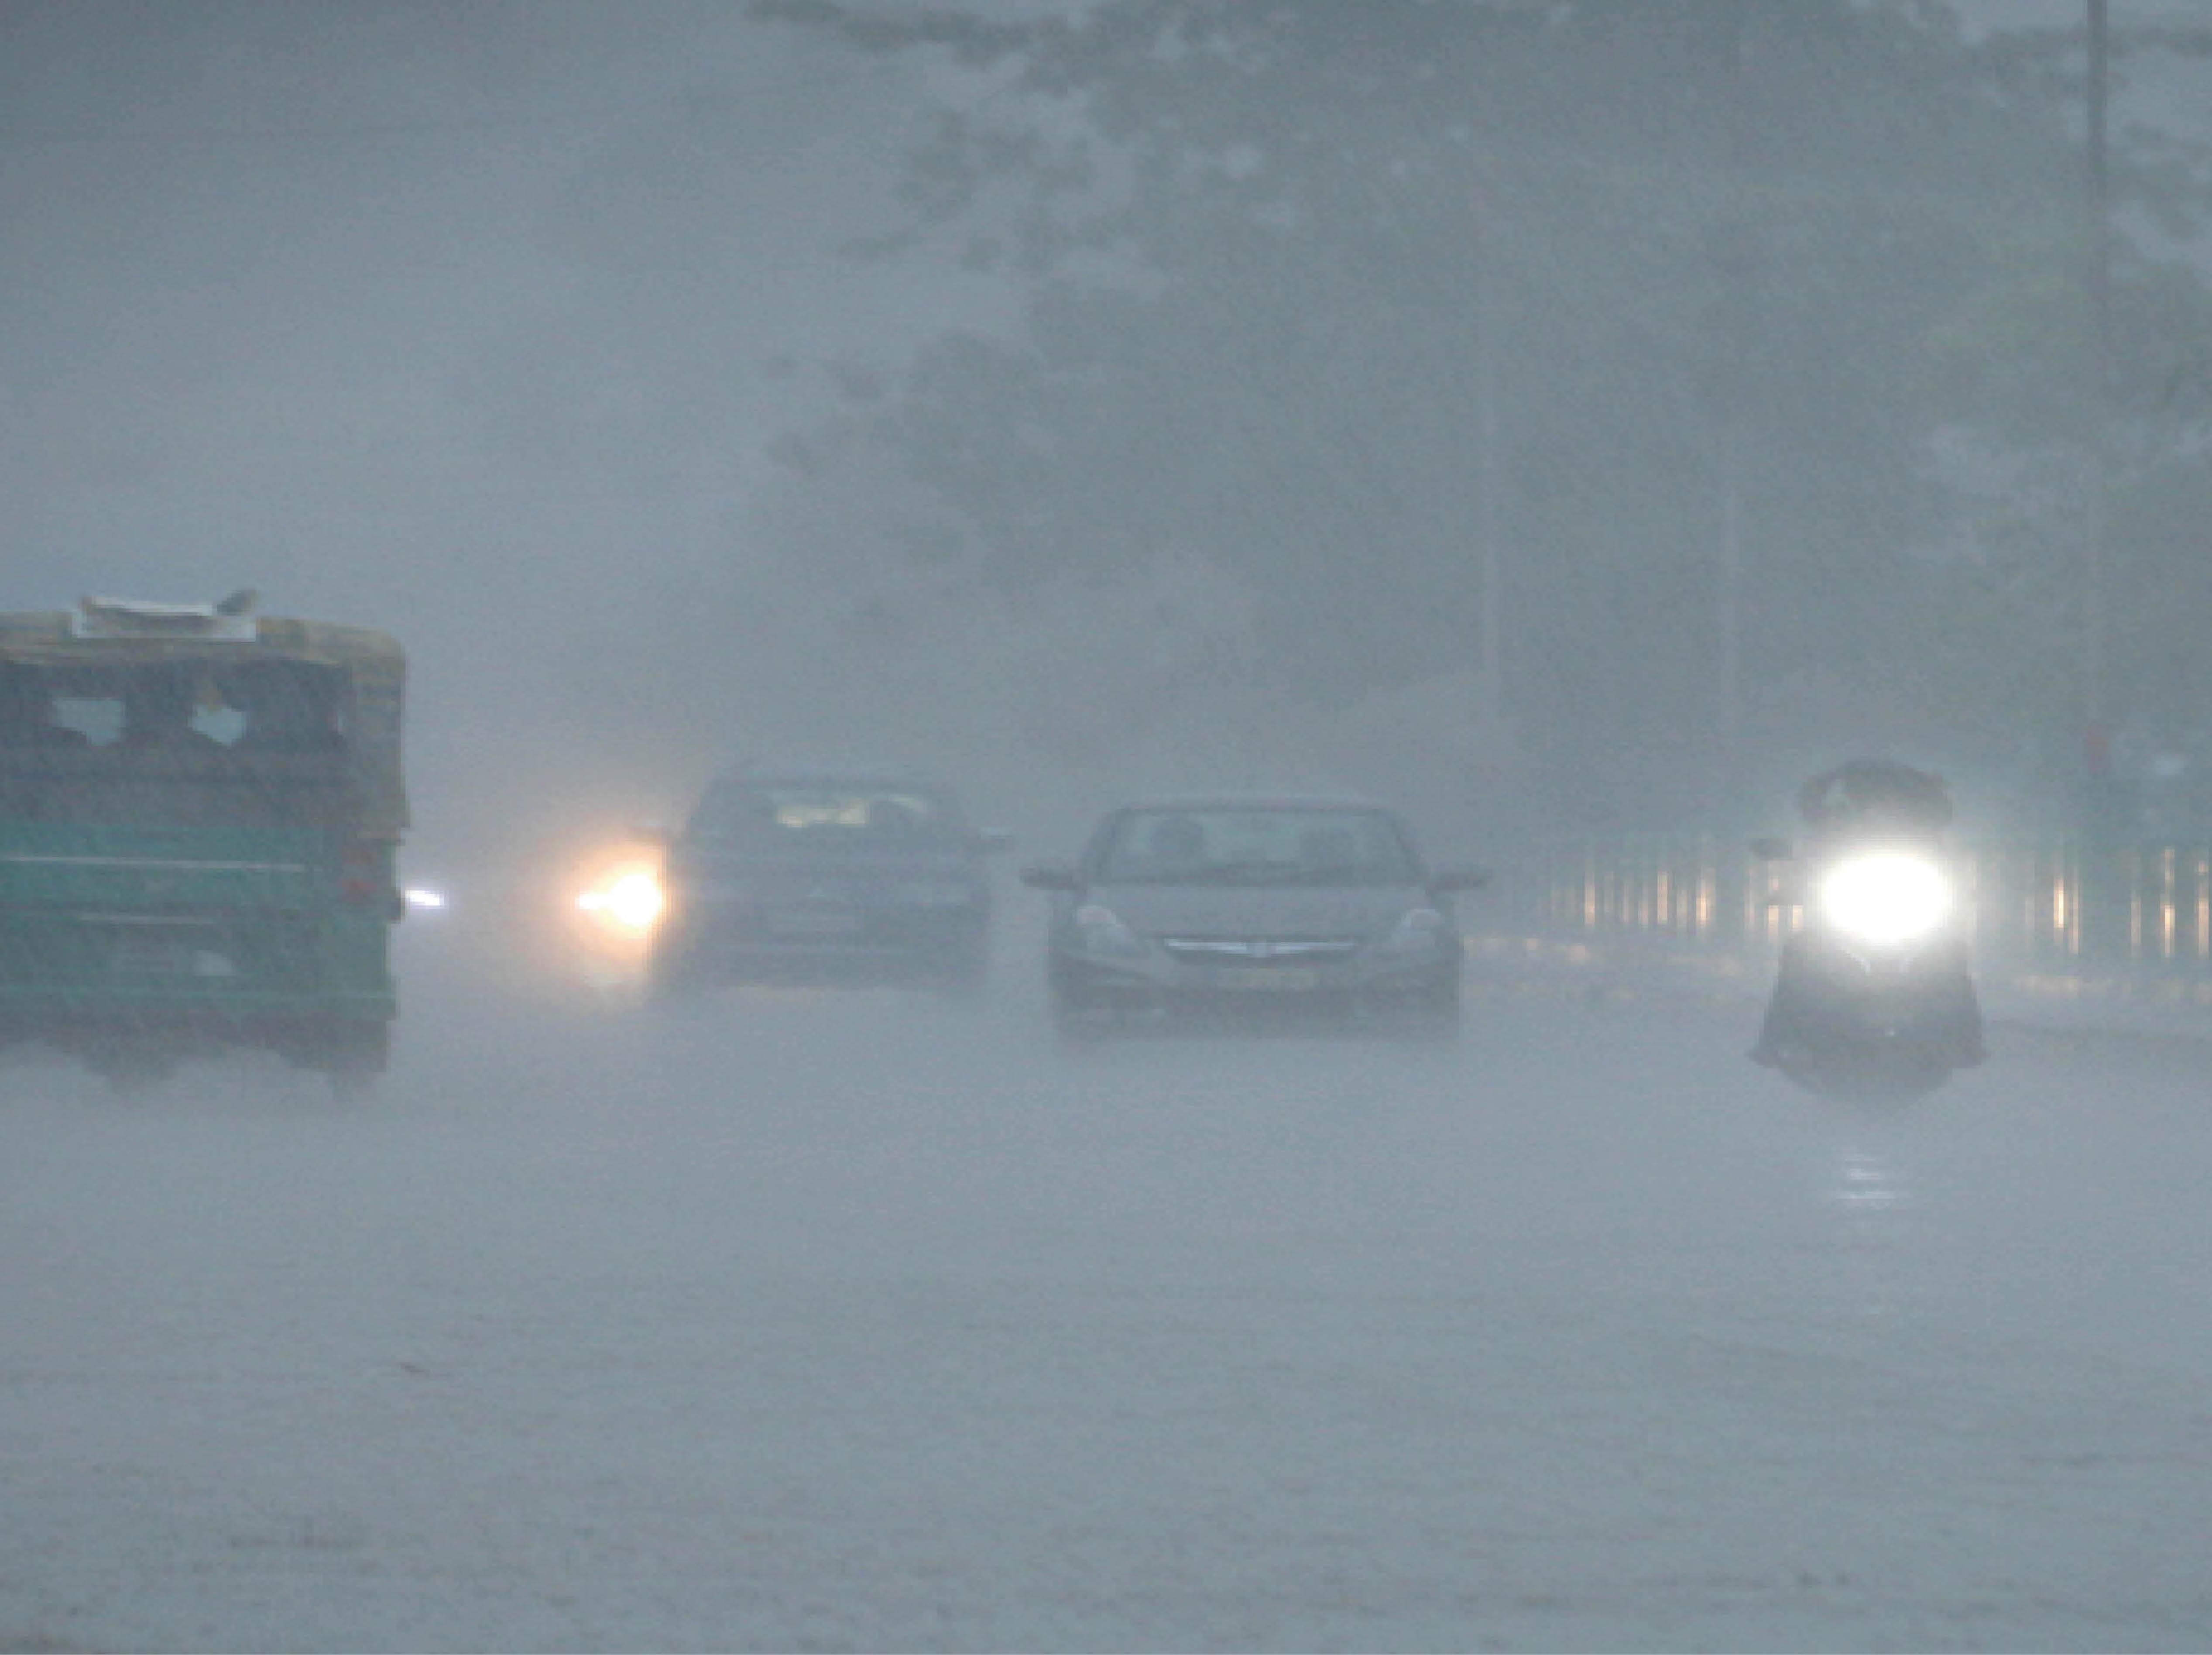 30 मिनट में 14.5 मिमी पानी गिरा, अभी दो दिन हल्की और मध्यम बारिश के आसार ग्वालियर,Gwalior - Dainik Bhaskar